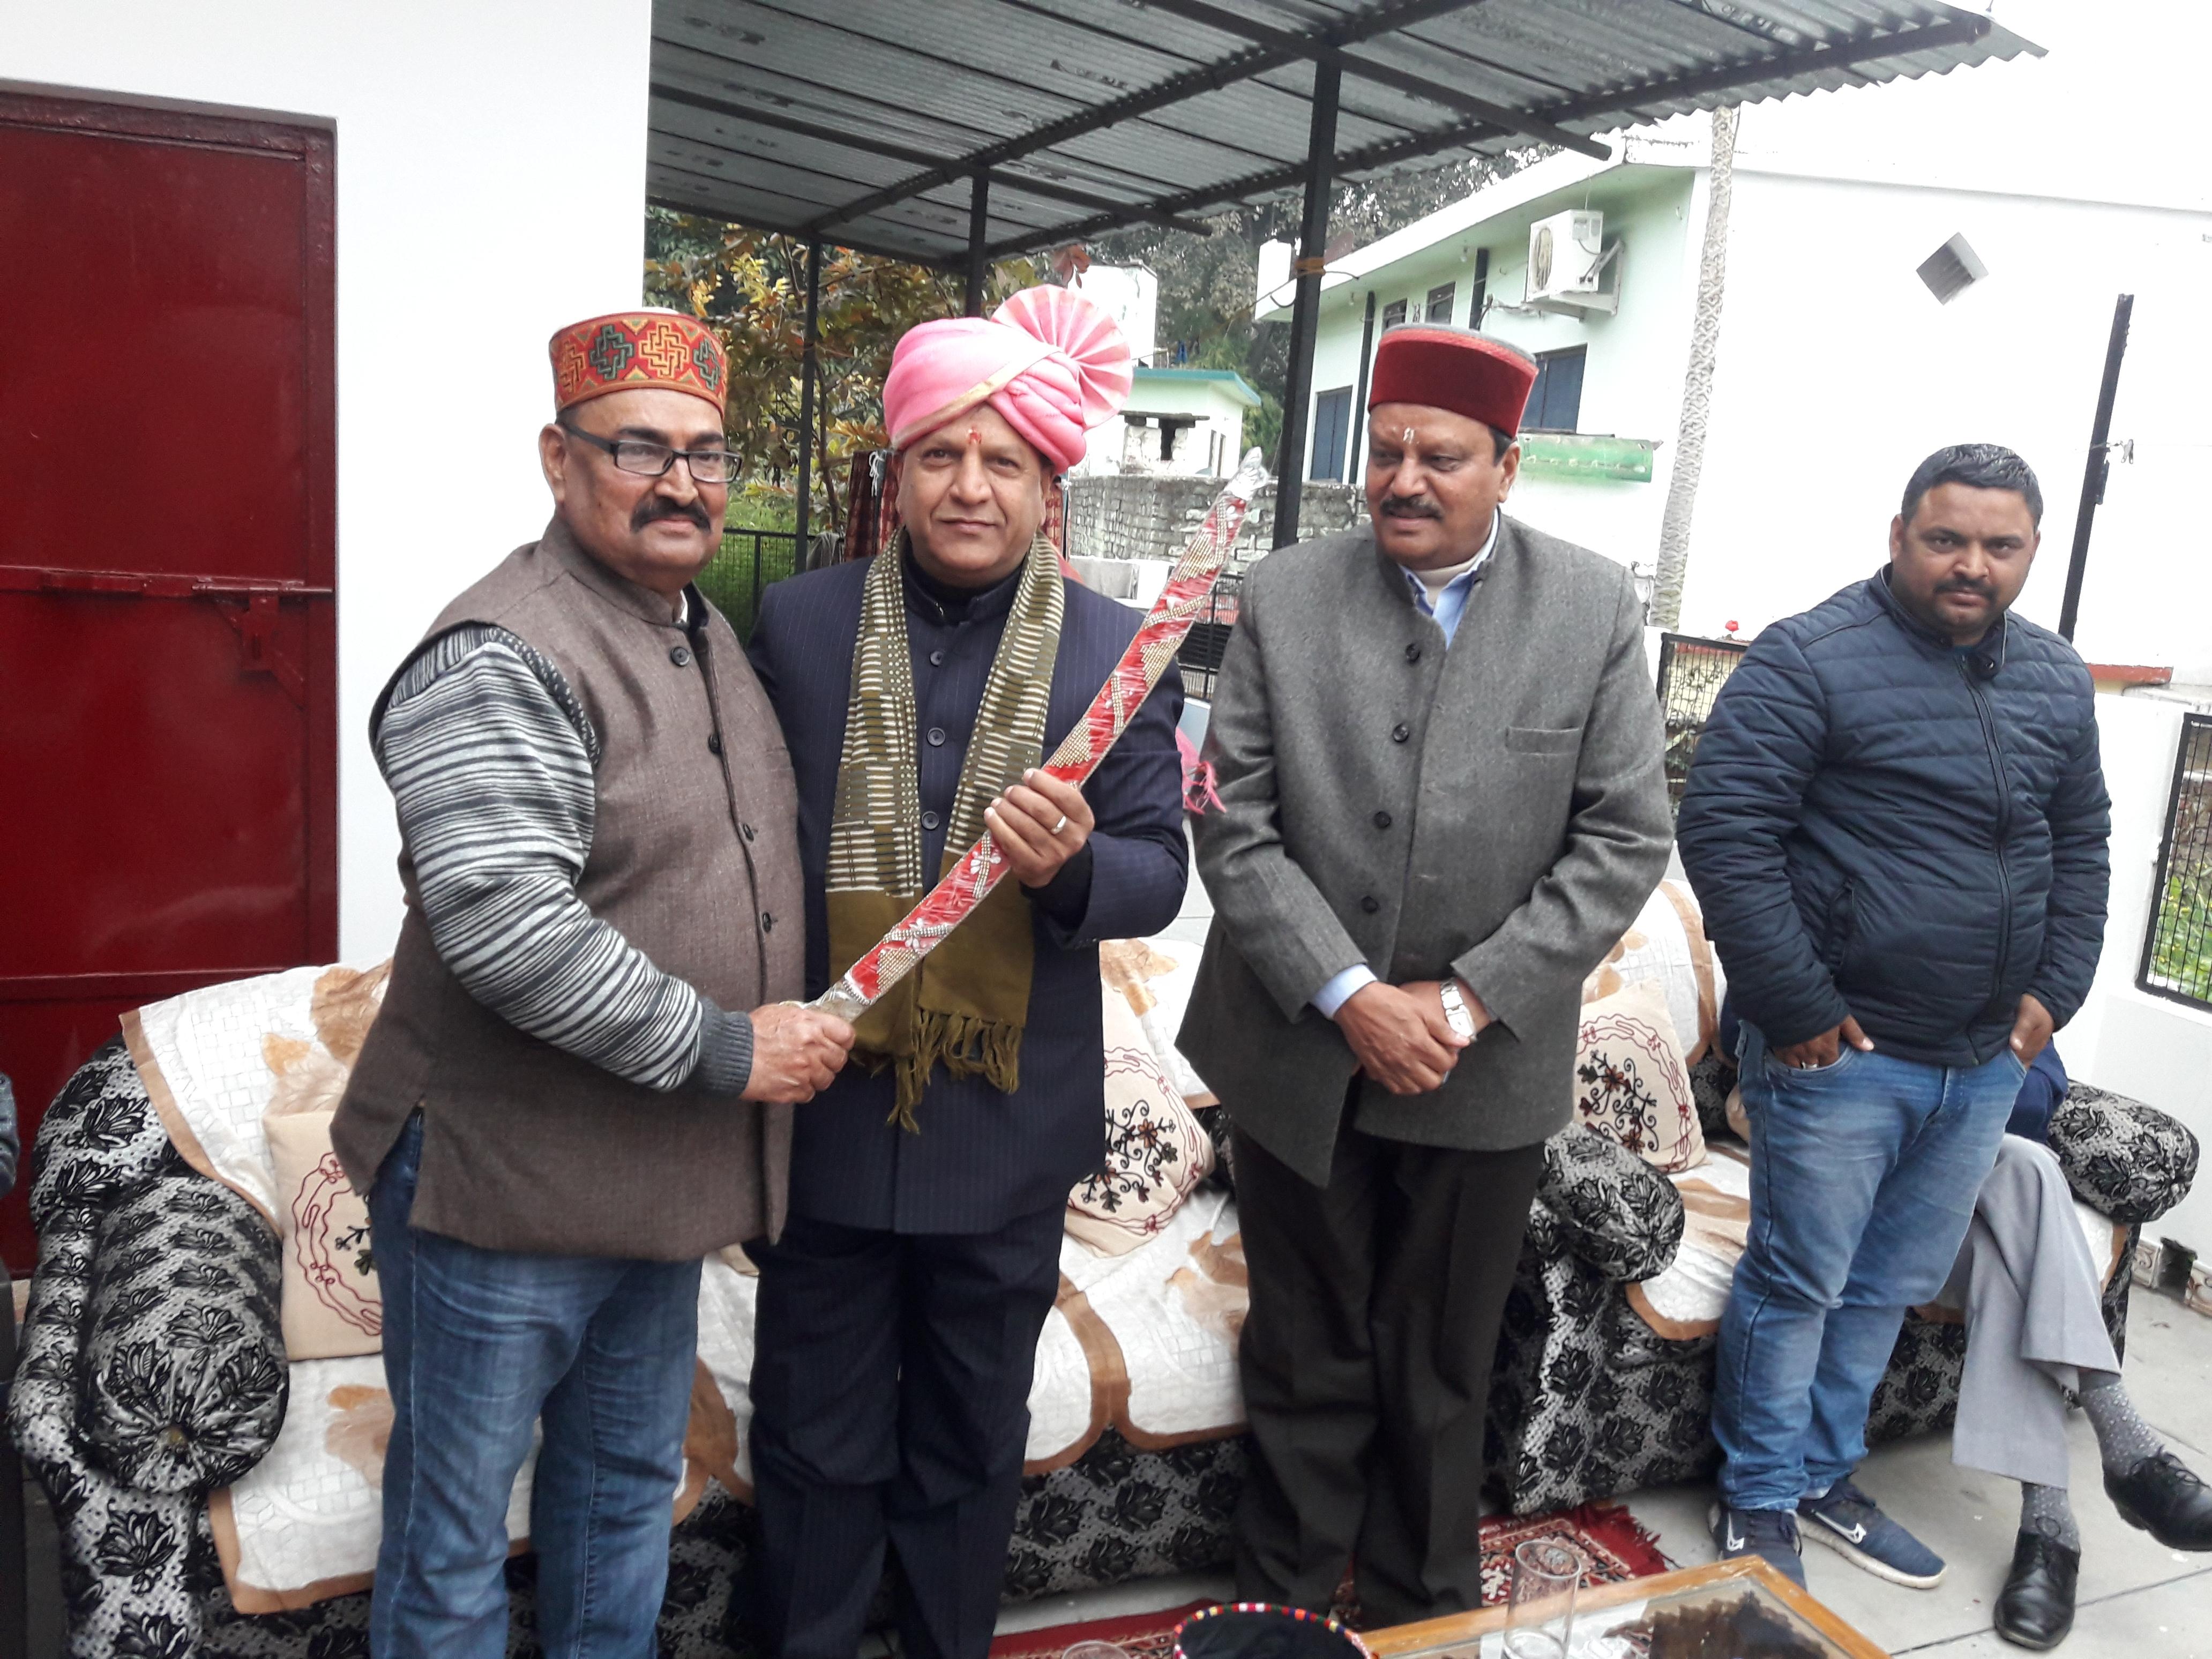 भाजपा के प्रदेश अध्यक्ष डा. बिंदल का आमवाला गांव में किया भव्य स्वागत